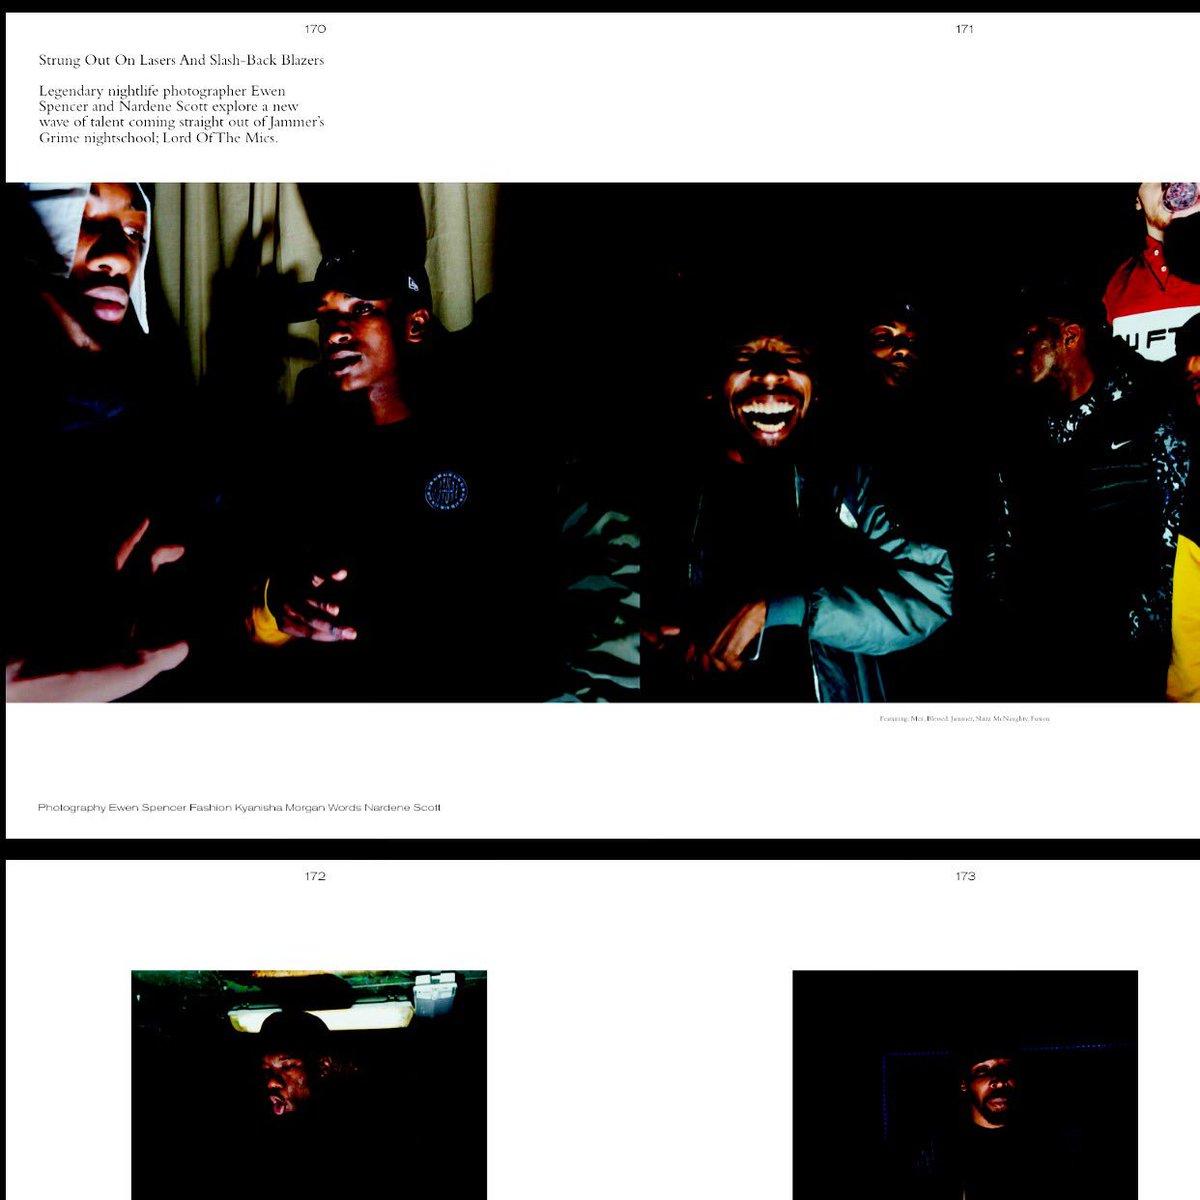 . @lordofthemics_ in the new issue of @wonderlandmag @ewenspencer @BlessedSWB @jammerbbk @UncleMez @fusion_ias